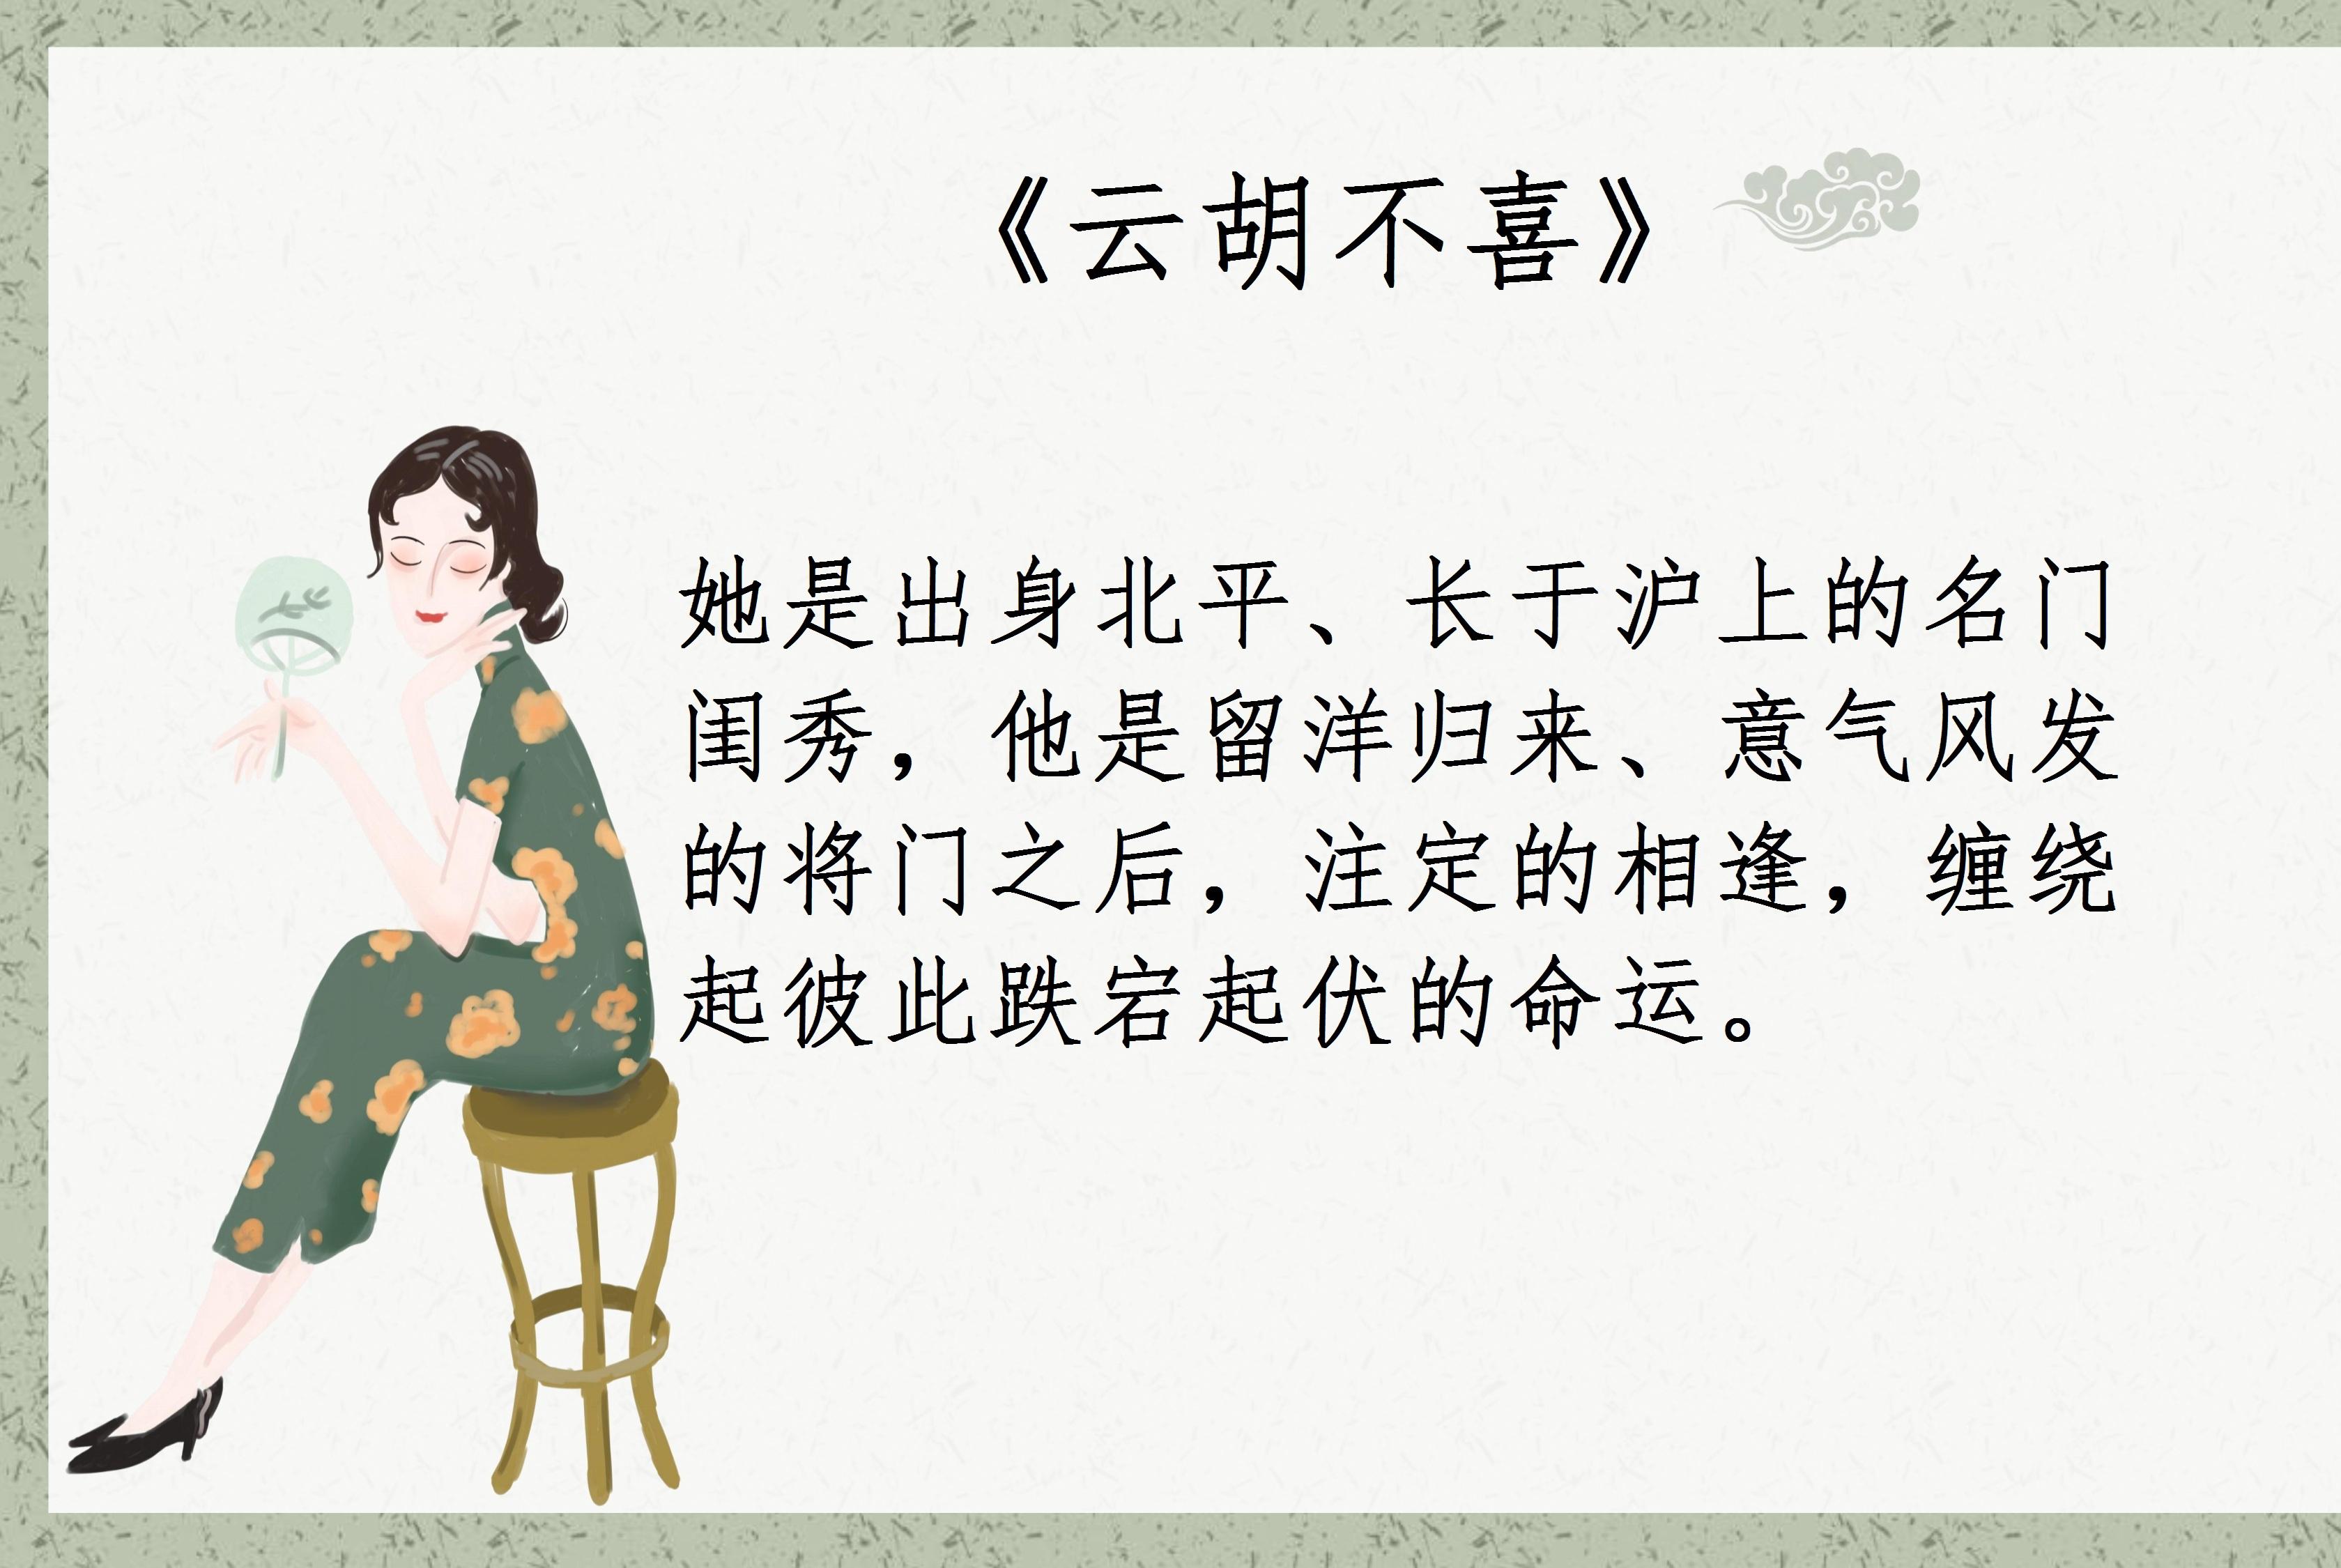 尼卡5部小说,强推《云胡不喜》,名门闺秀程静漪VS将门之后陶骧